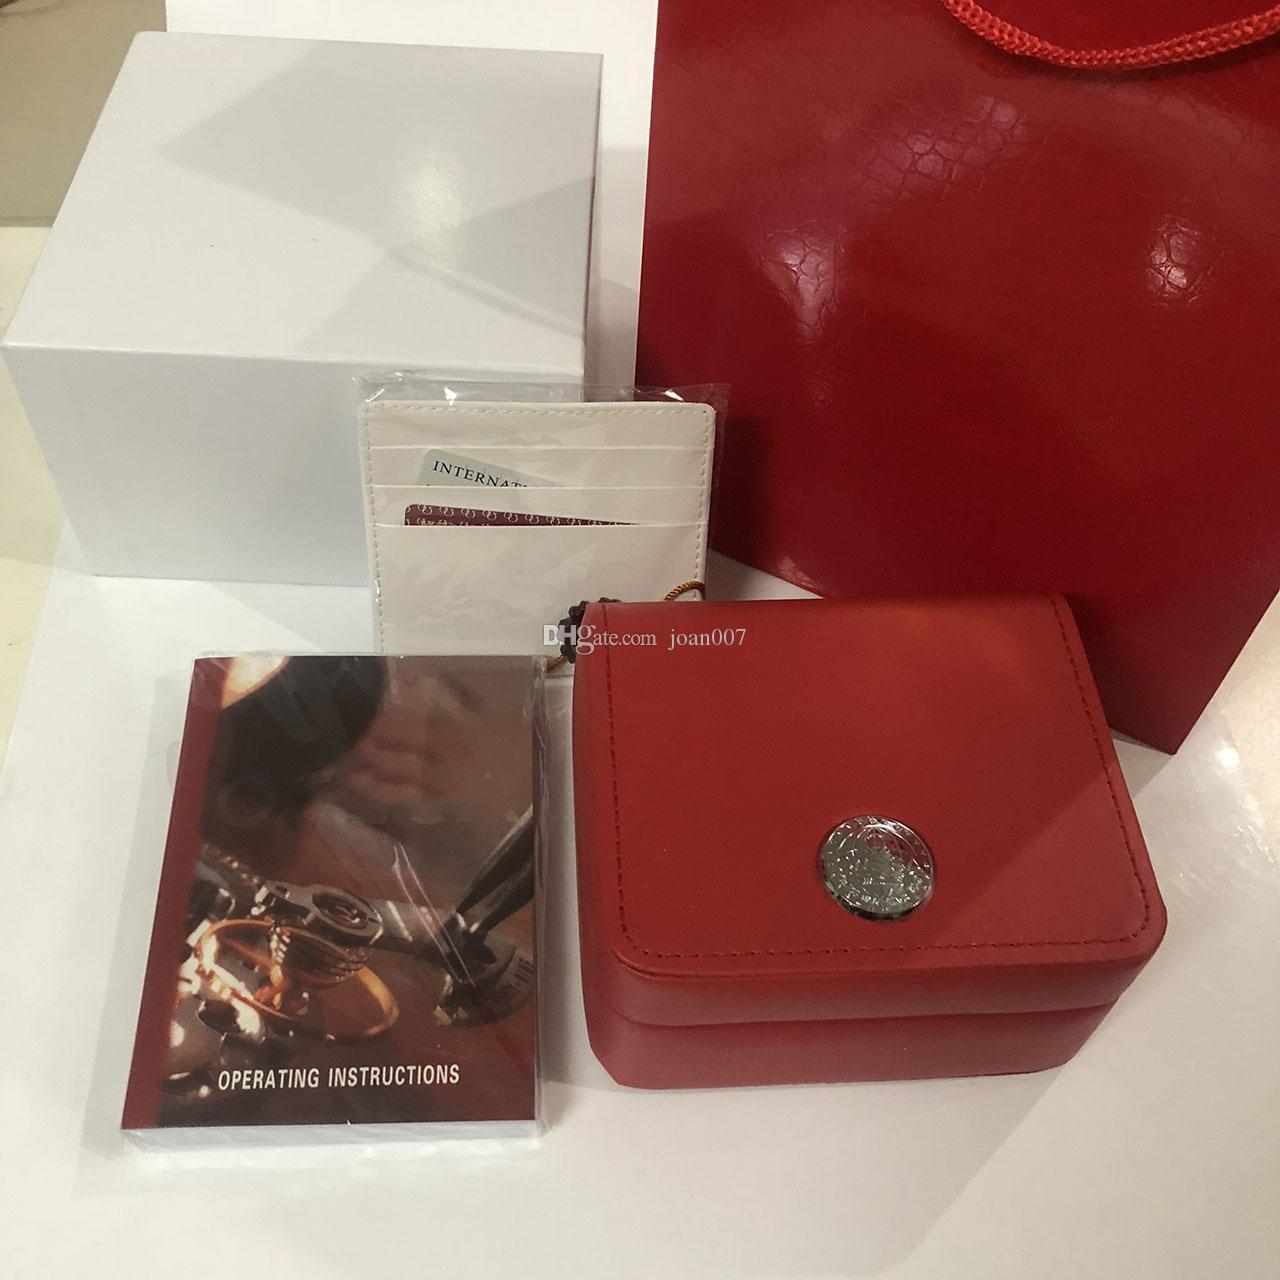 Yeni Meydanı Kırmızı İzle Kutusu İzle Kitapçık Kart Etiketleri Ve İngilizce Saatler Kutusu Orijinal İç Dış Erkekler Saatler Kutusu